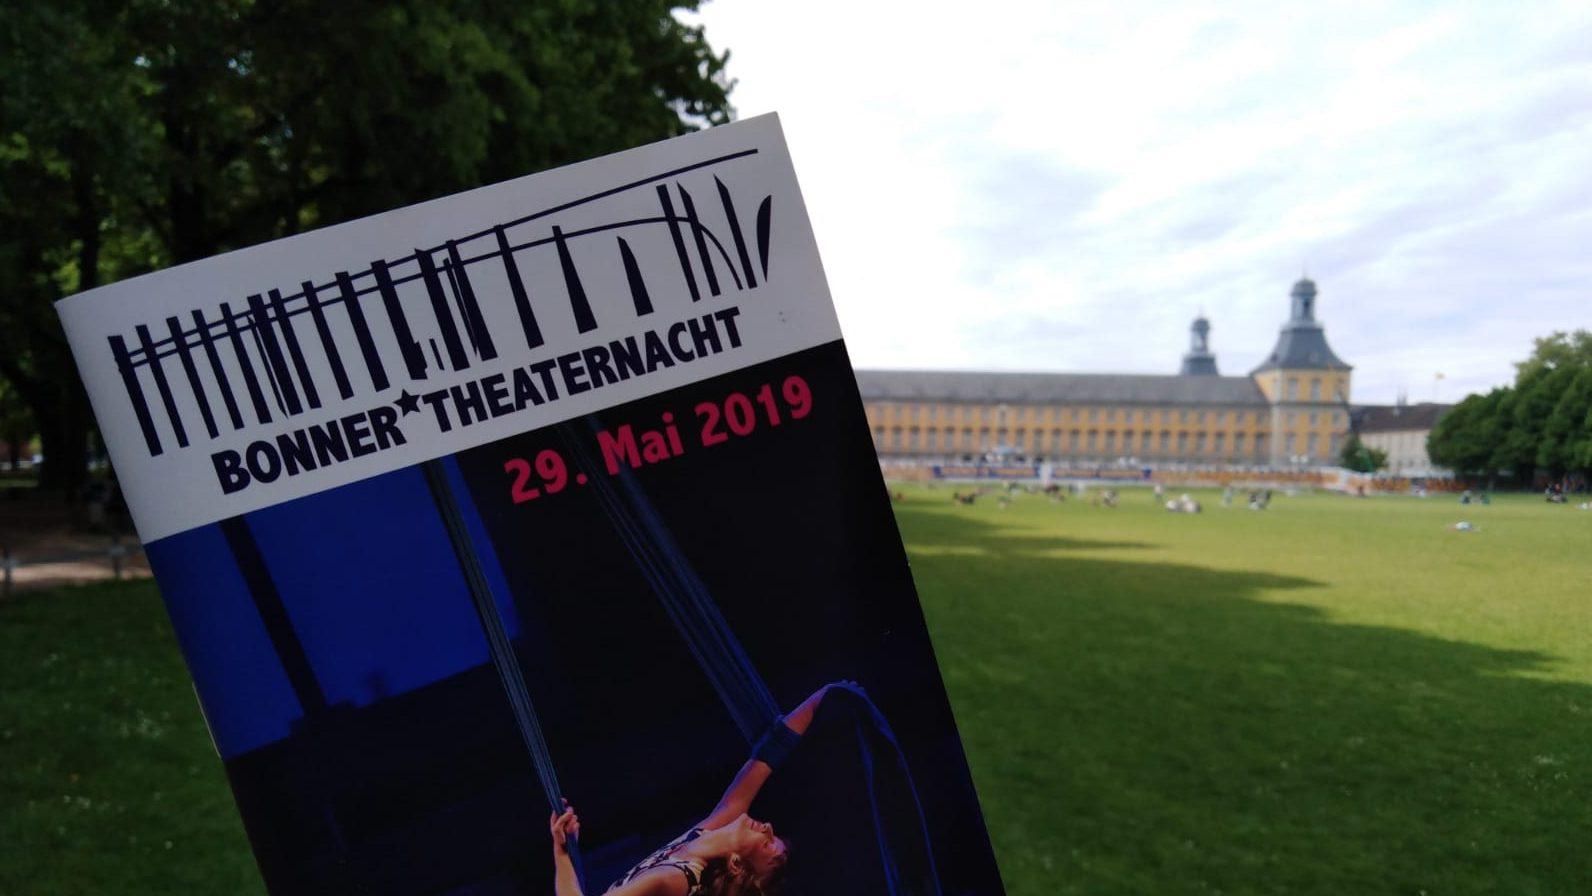 Bonner Theaternacht 2019